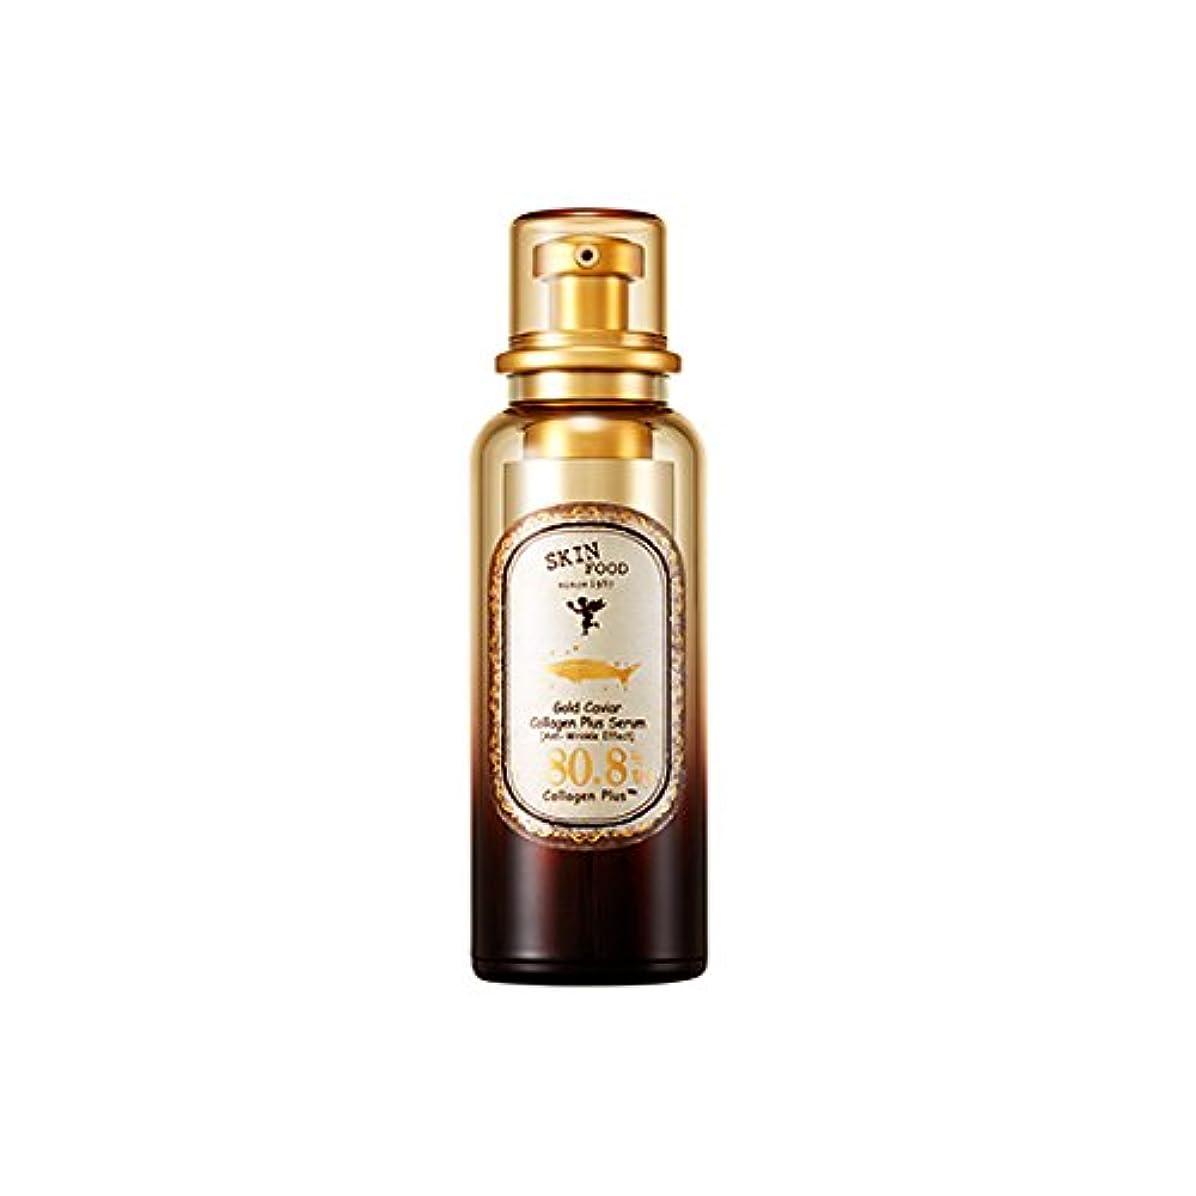 ジャンピングジャック中傷かすかなSkinfood ゴールドキャビアコラーゲンプラスセラム(しわ防止効果) / Gold Caviar Collagen Plus Serum (Anti-wrinkle Effect) 40ml [並行輸入品]